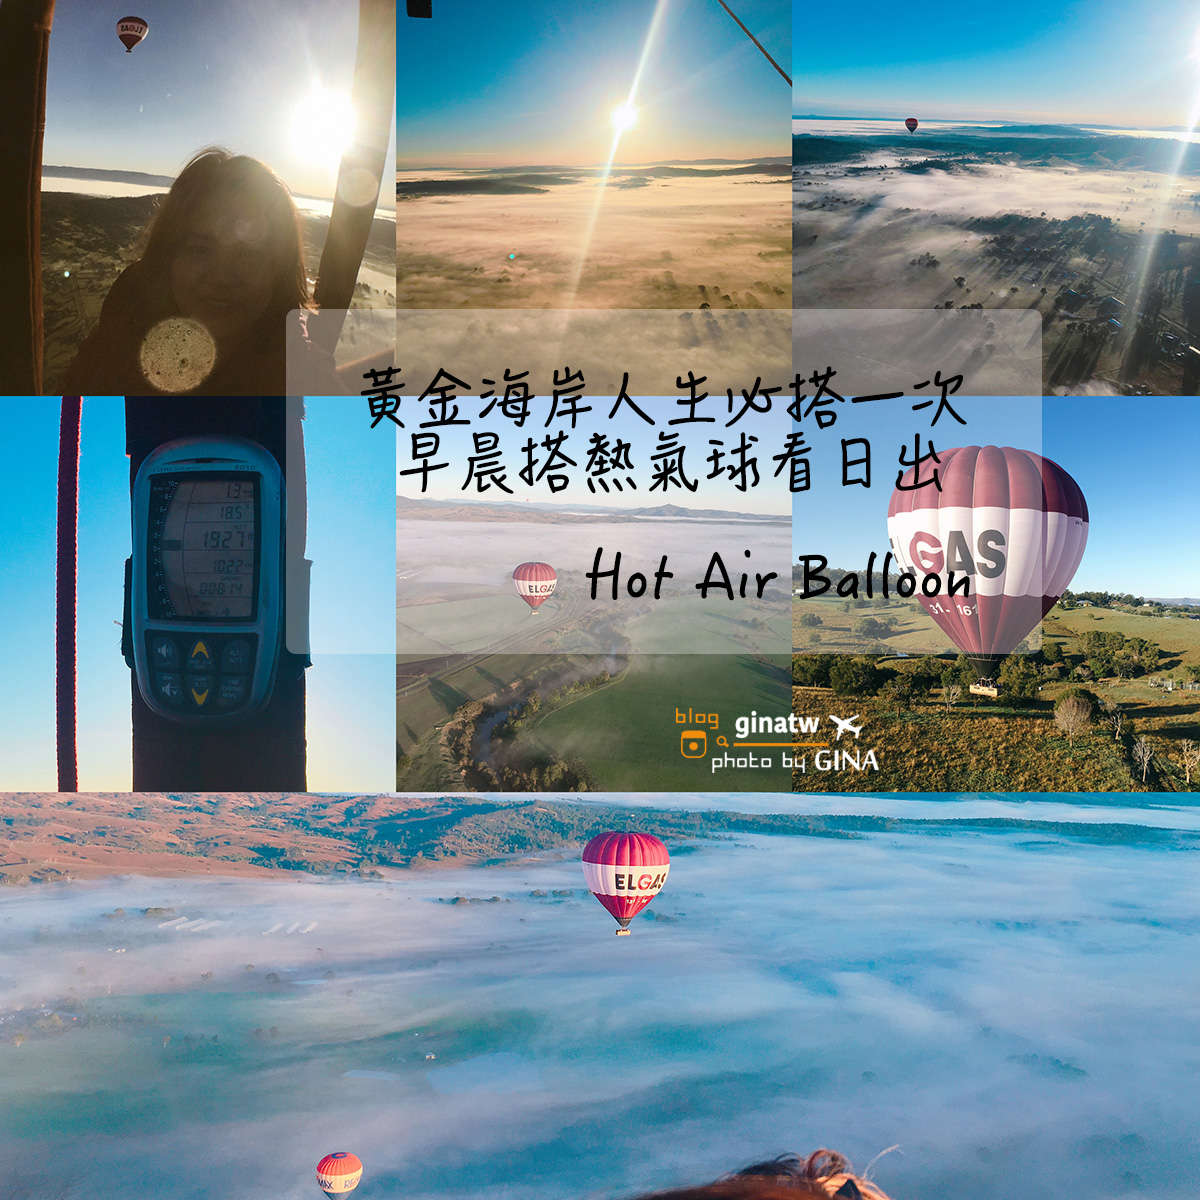 【黃金海岸熱氣球】2020澳洲搭熱氣球|Gold Coast超美必玩景點|Hot Air Balloon人生必搭一次 雲層超級無敵美! @GINA環球旅行生活